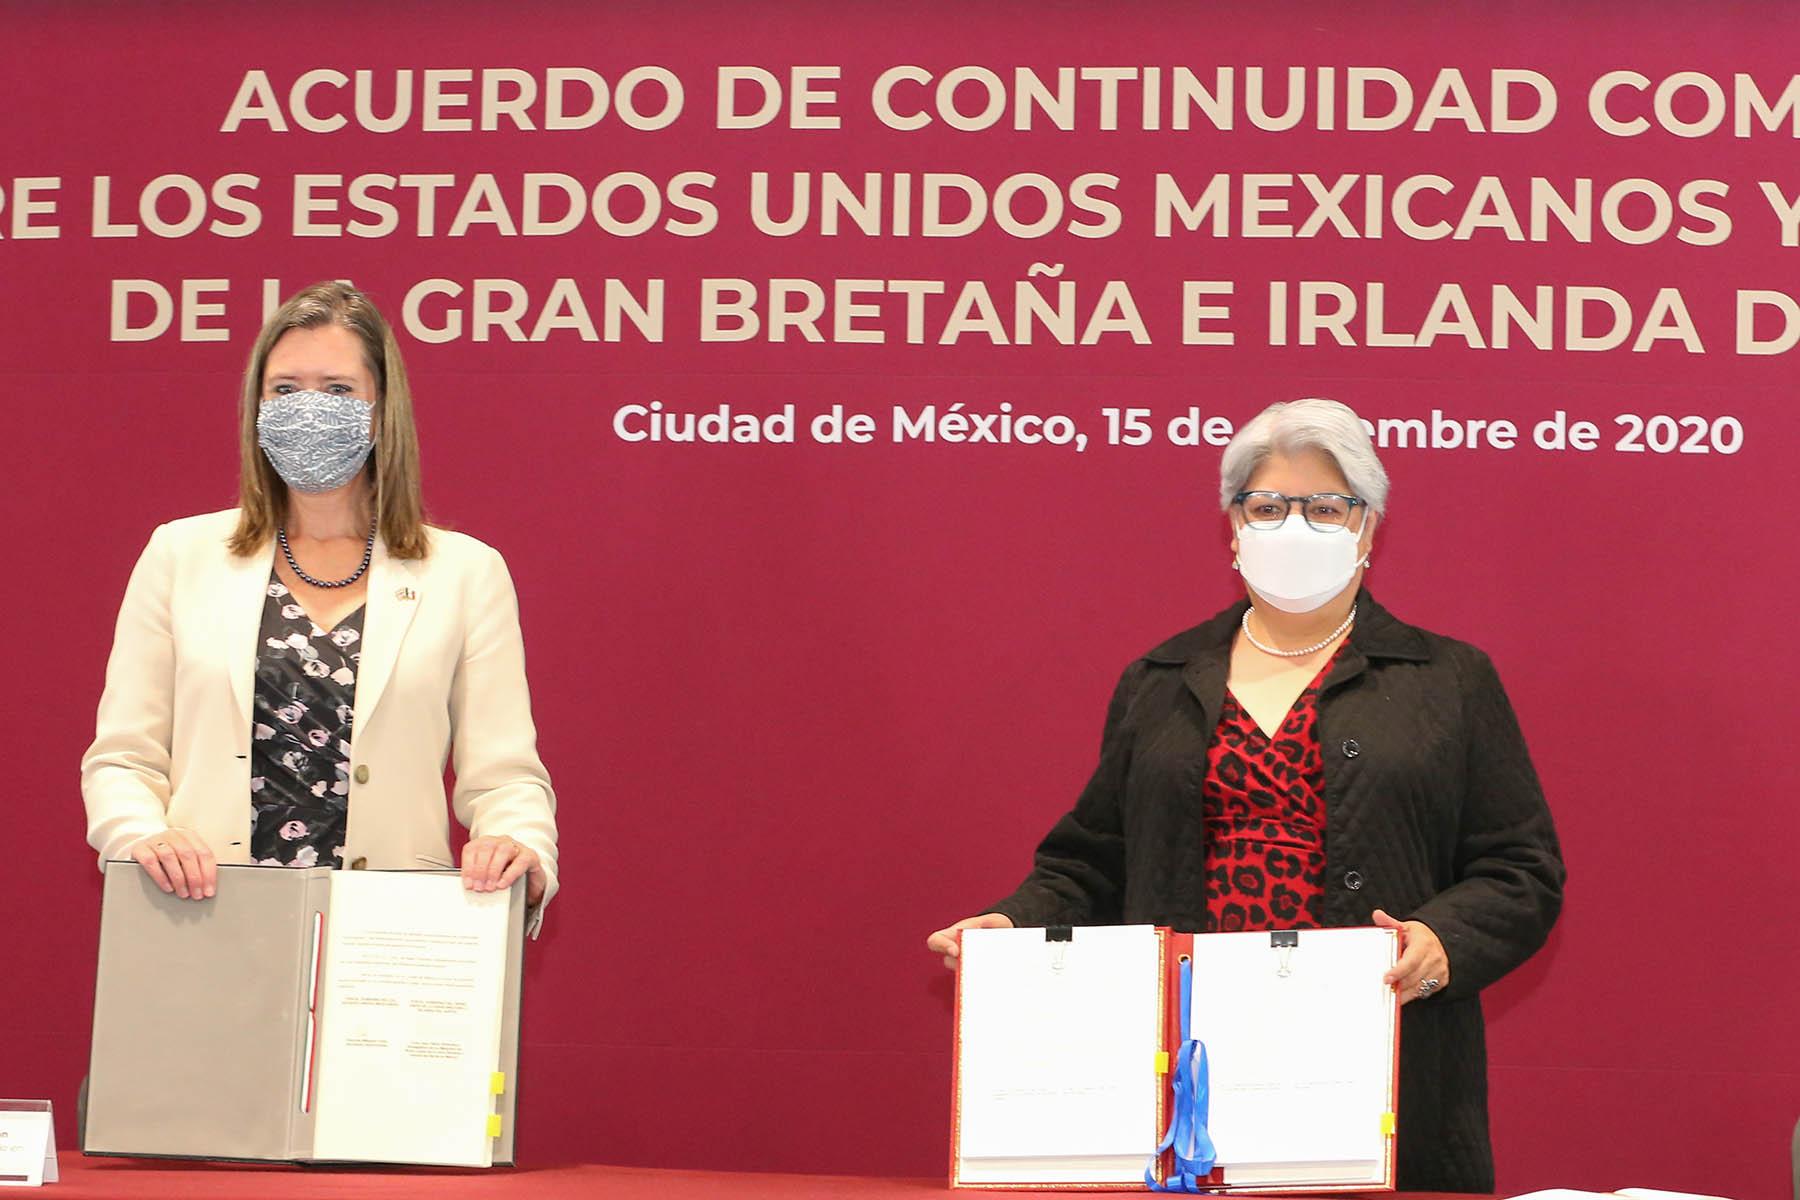 México y Reino Unido firman Acuerdo de Continuidad Comercial que mantiene el libre comercio entre ambos países